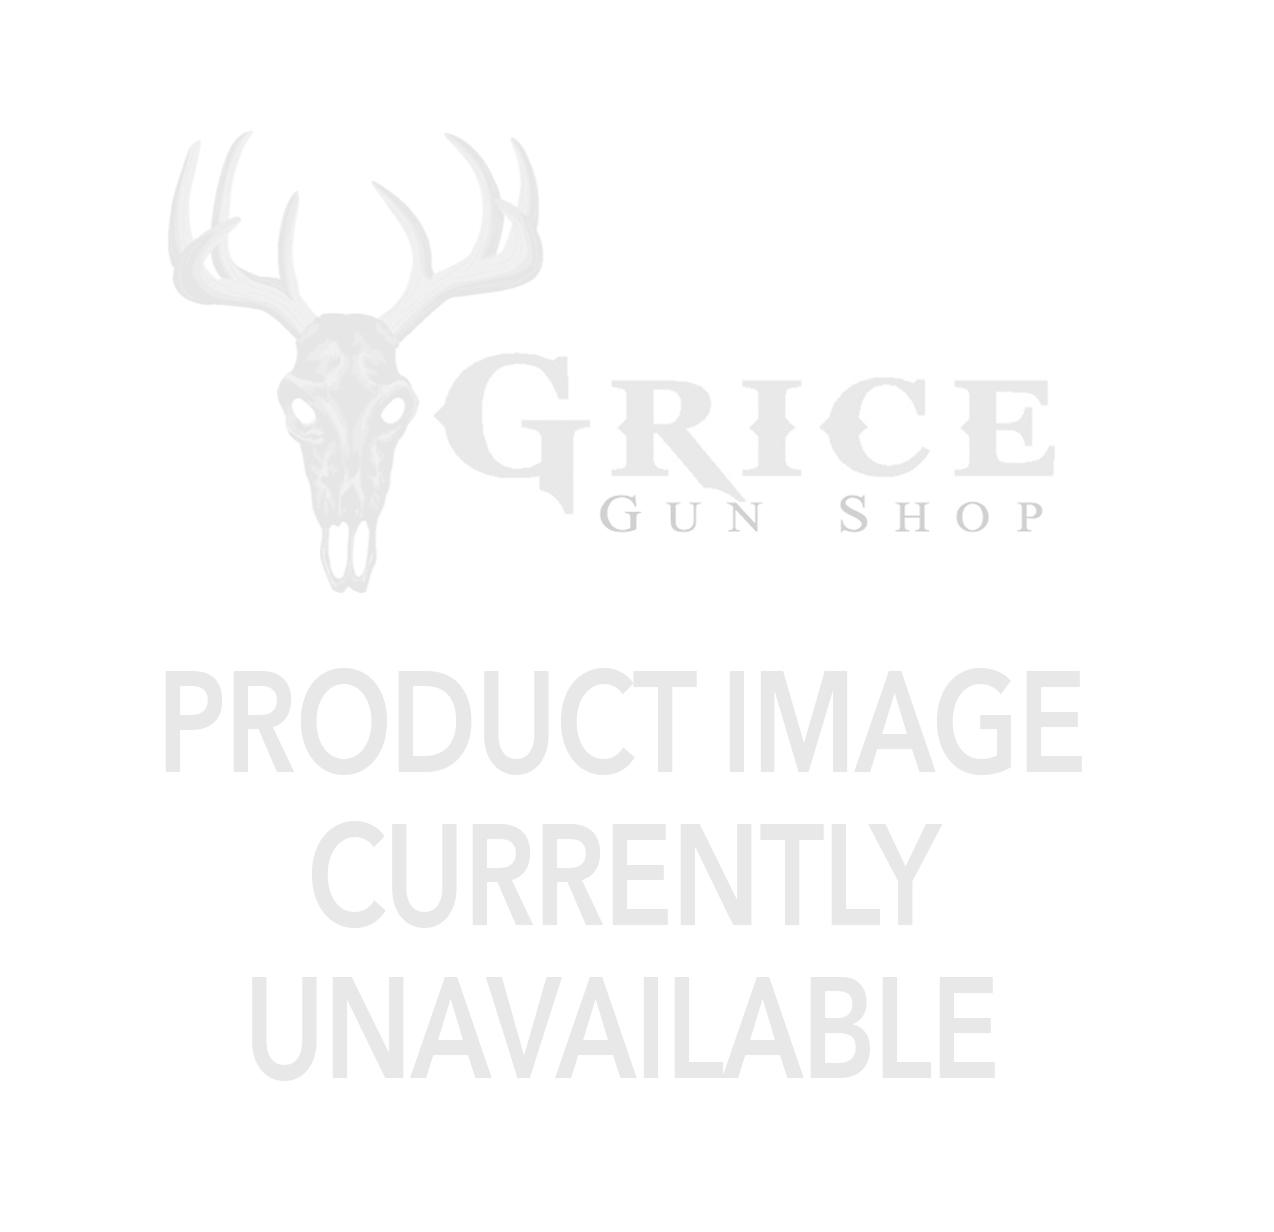 Mossberg - 590 Shockwave 12ga Cerakote